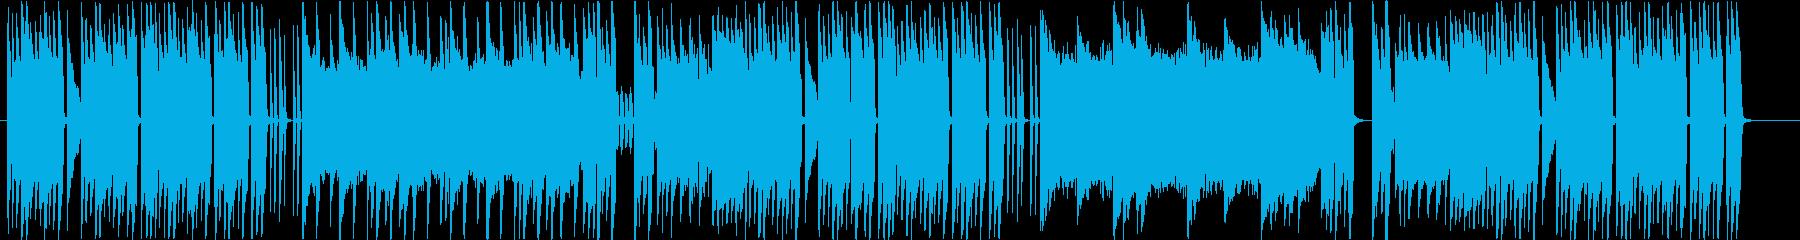 楽しい可愛いチップチューン曲の再生済みの波形